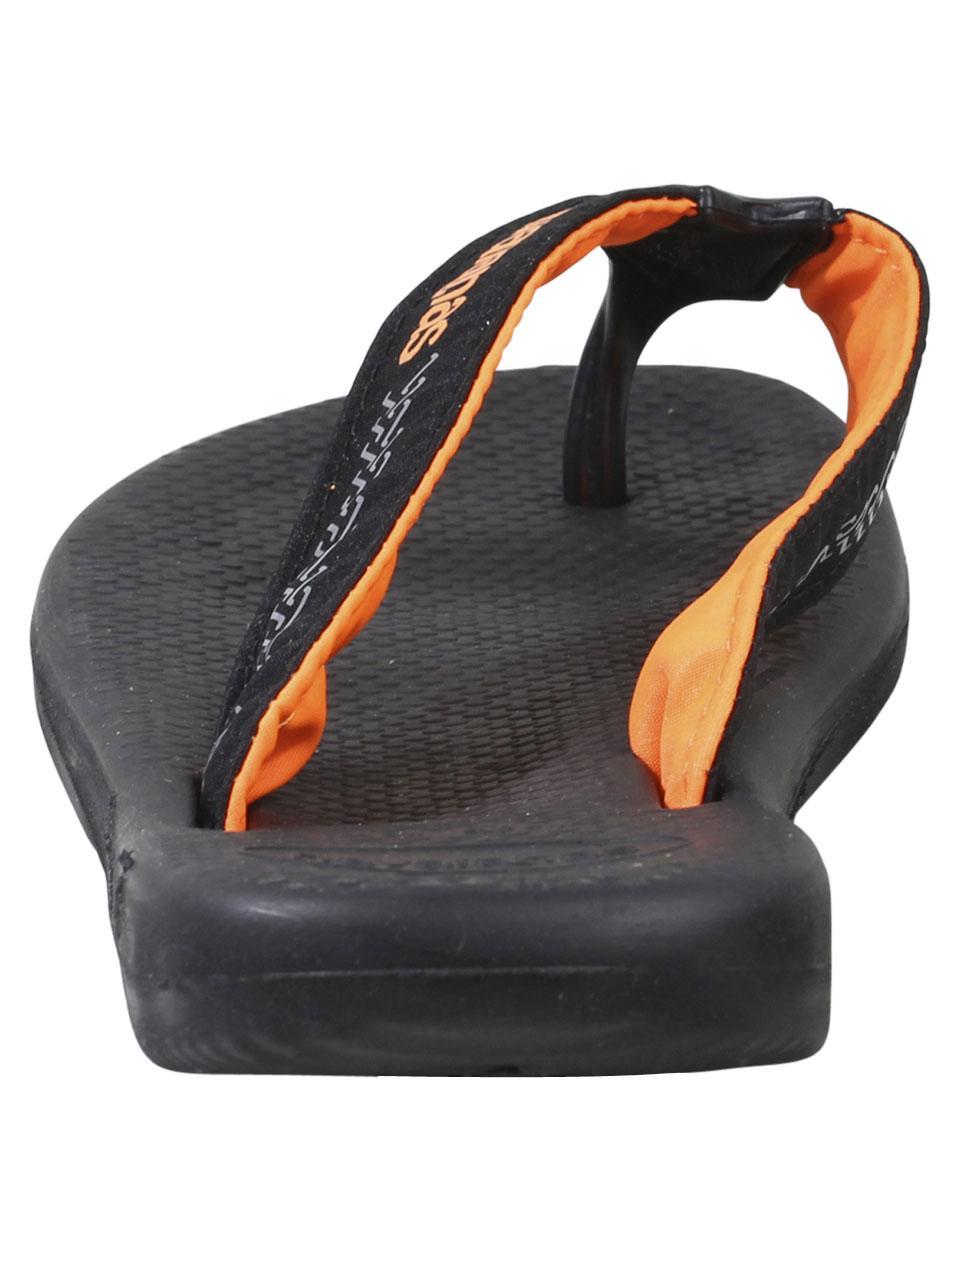 Havaianas-Men-039-s-Surf-Pro-Flip-Flops-Sandals-Shoes miniature 11